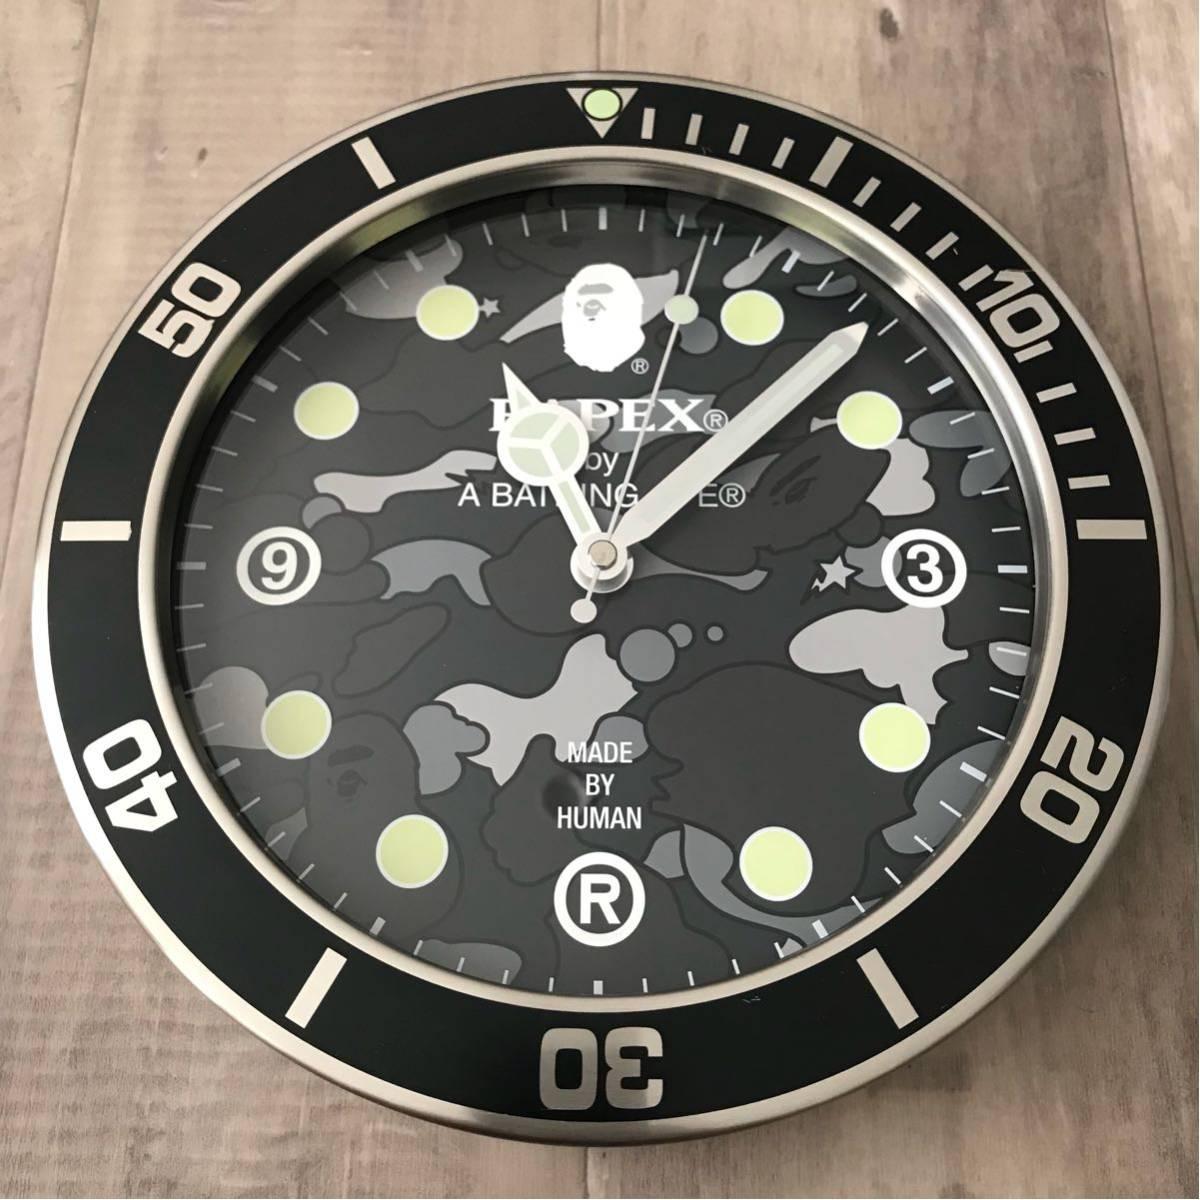 ★激レア★ BAPEX wall clock sta camo ウォール クロック 掛け時計 a bathing ape BAPE エイプ ベイプ 時計 psyche camo サイケカモ black